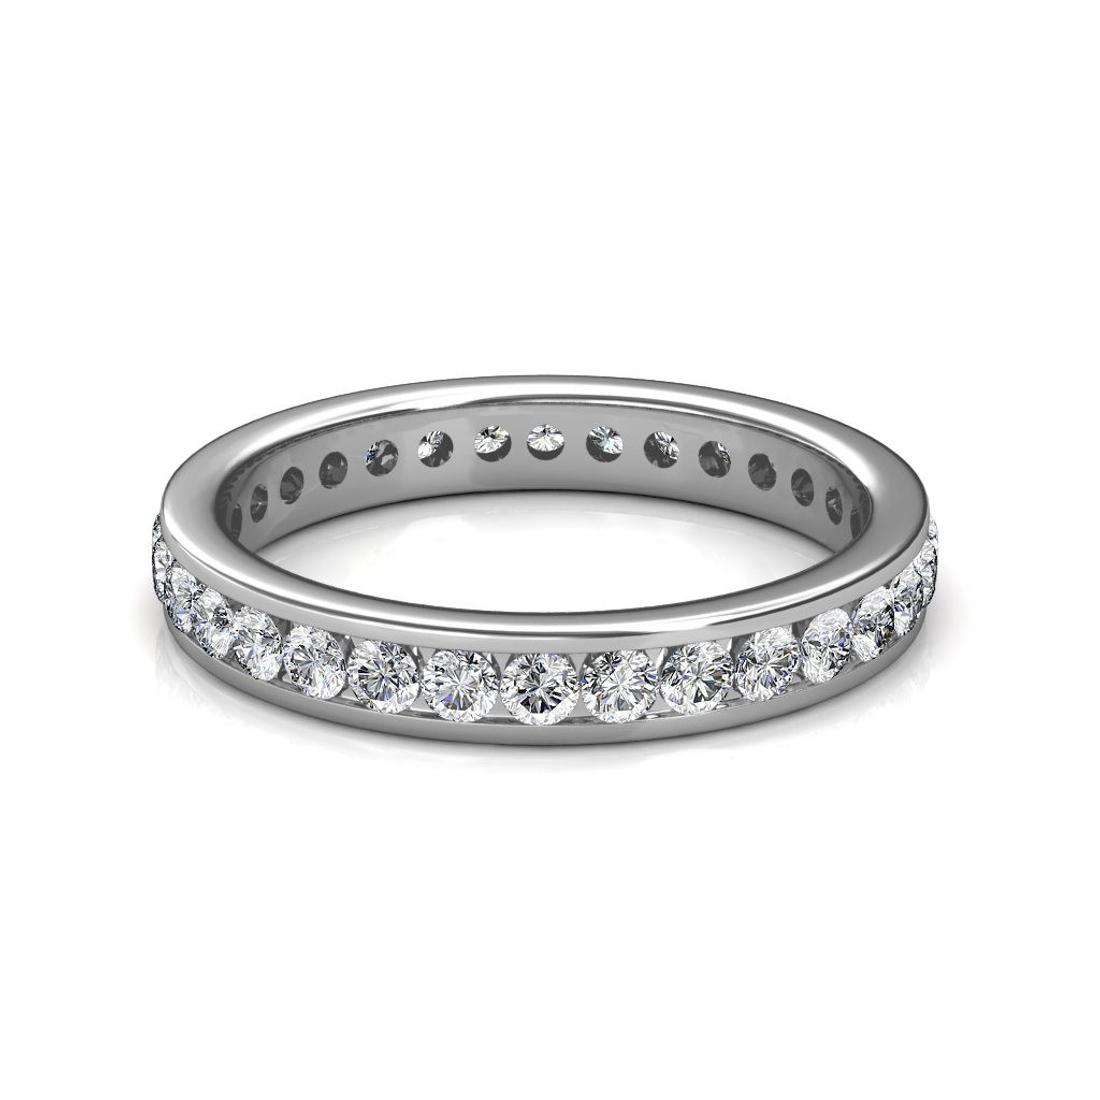 White Gold Channel Set Diamond Full Eternity Ring - 5 cent diamonds